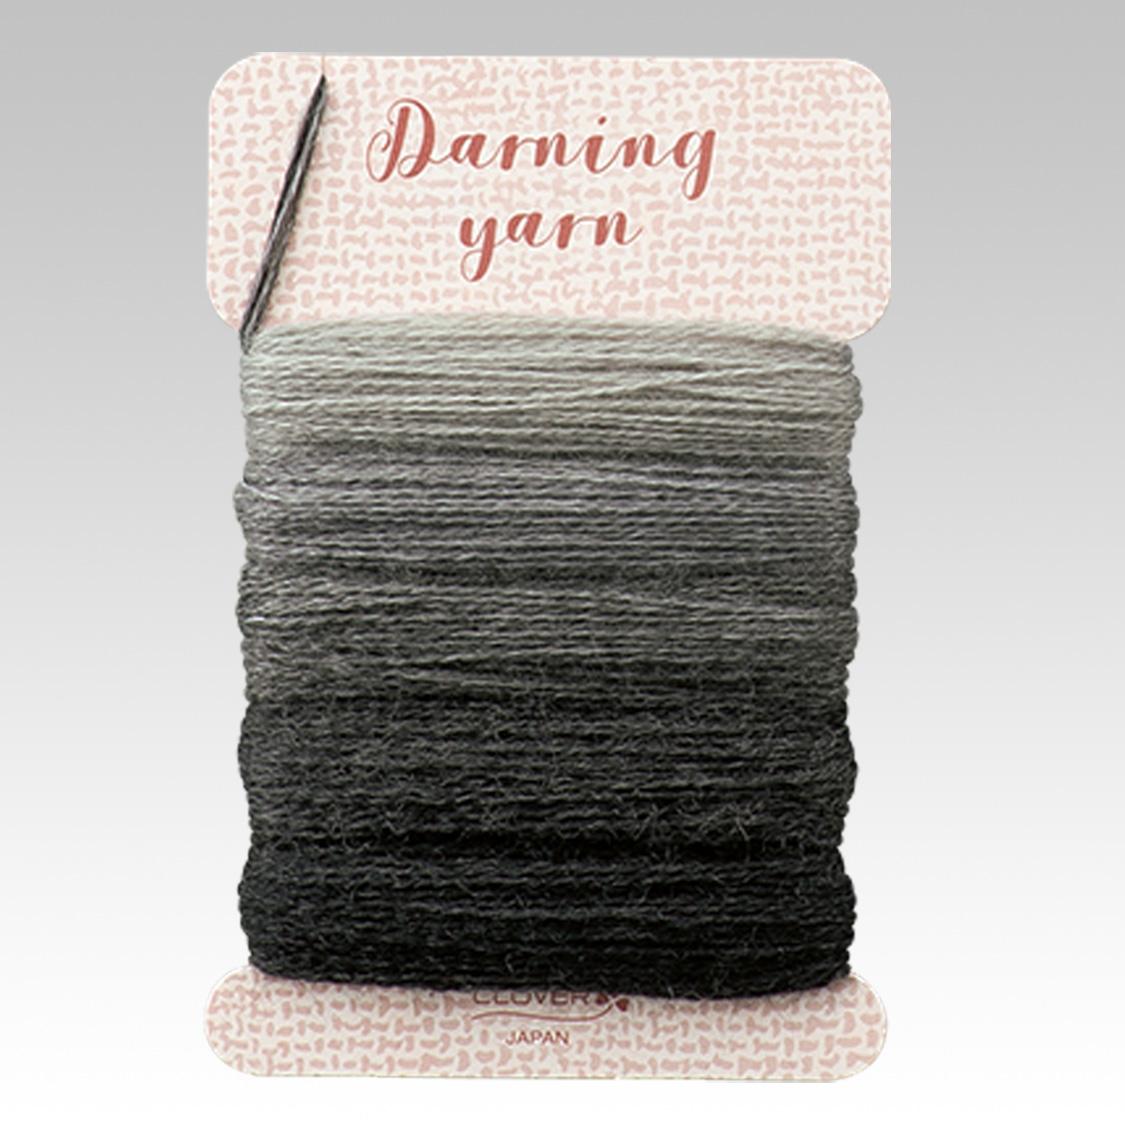 ダーニング糸 ナチュラル 〈 グレー 〉